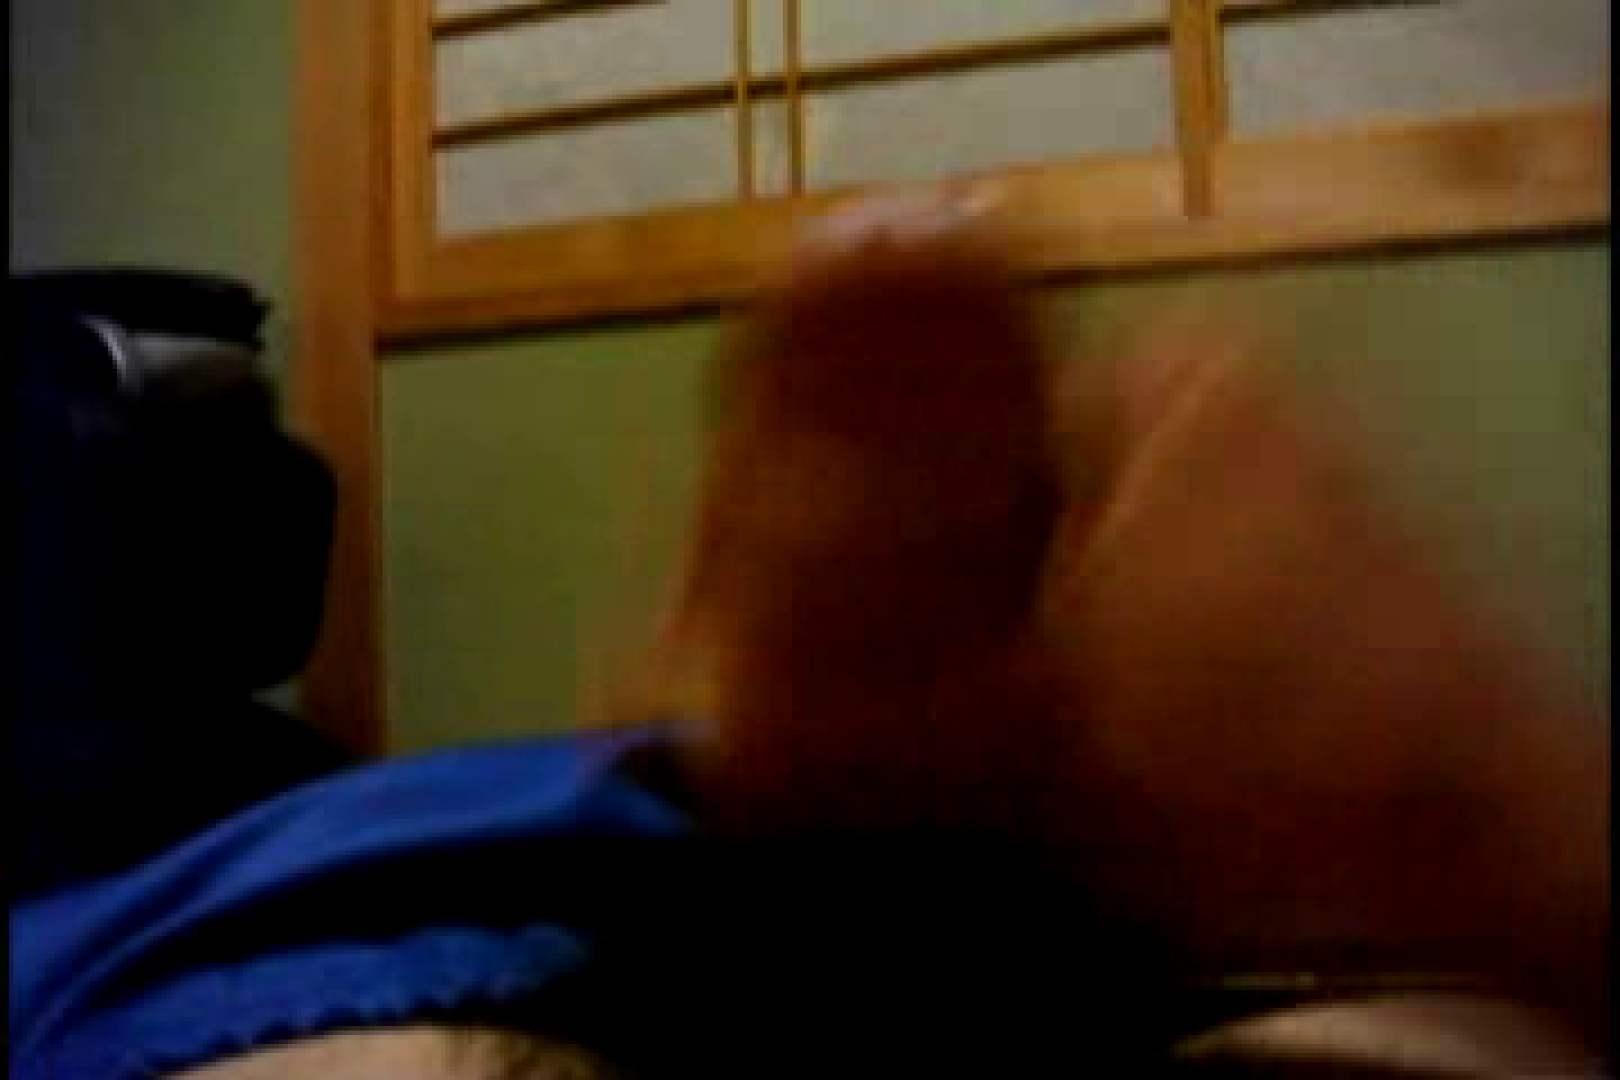 オナ好きノンケテニス部員の自画撮り投稿vol.02 射精 GAY無修正エロ動画 76枚 5